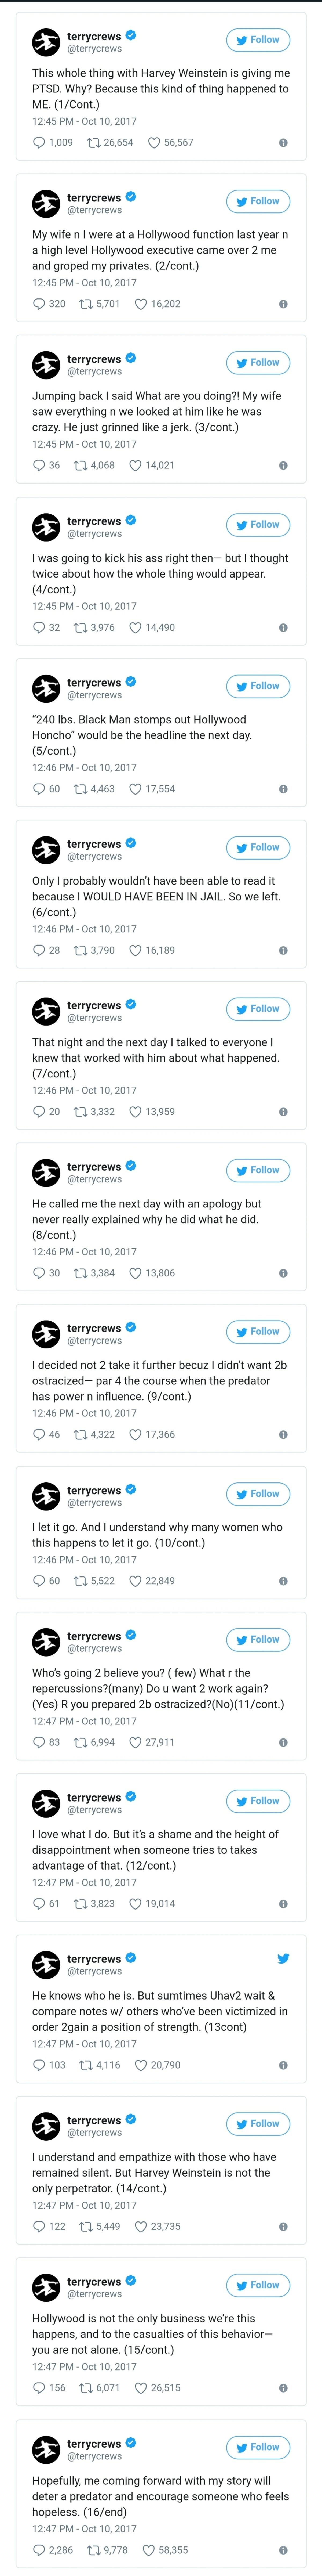 Terry Crews Sexual Assault Tweets. .. Terry is gonna disappear now, ain't he? Terry Crews Sexual Assault Tweets is gonna disappear now ain't he?